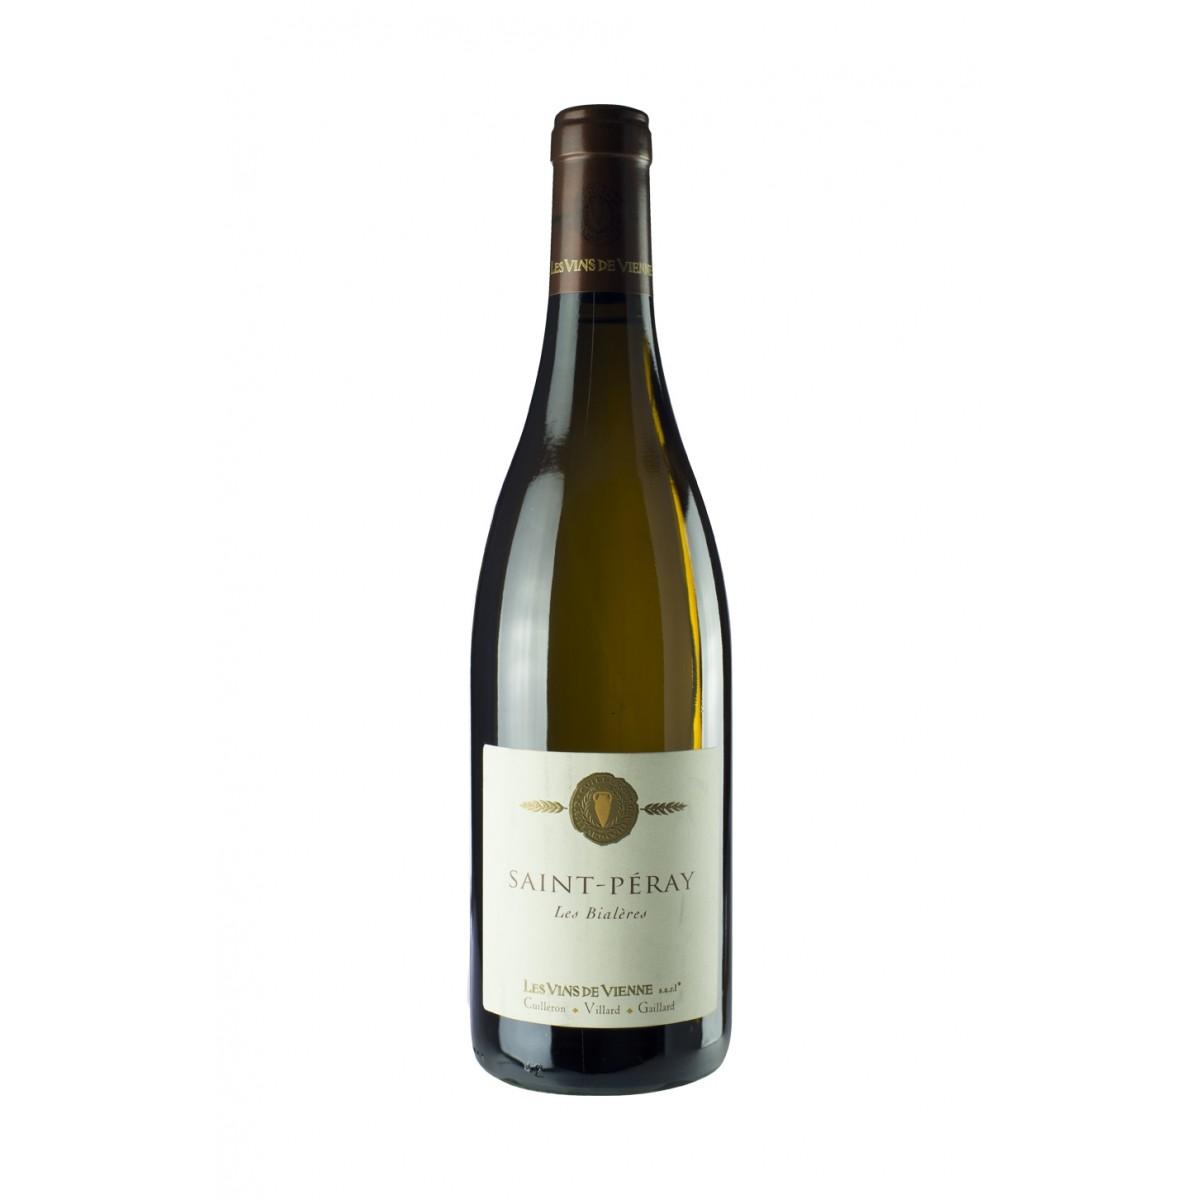 Saint-Peray Les Bialeres 2017 - Les Vins de Vienne